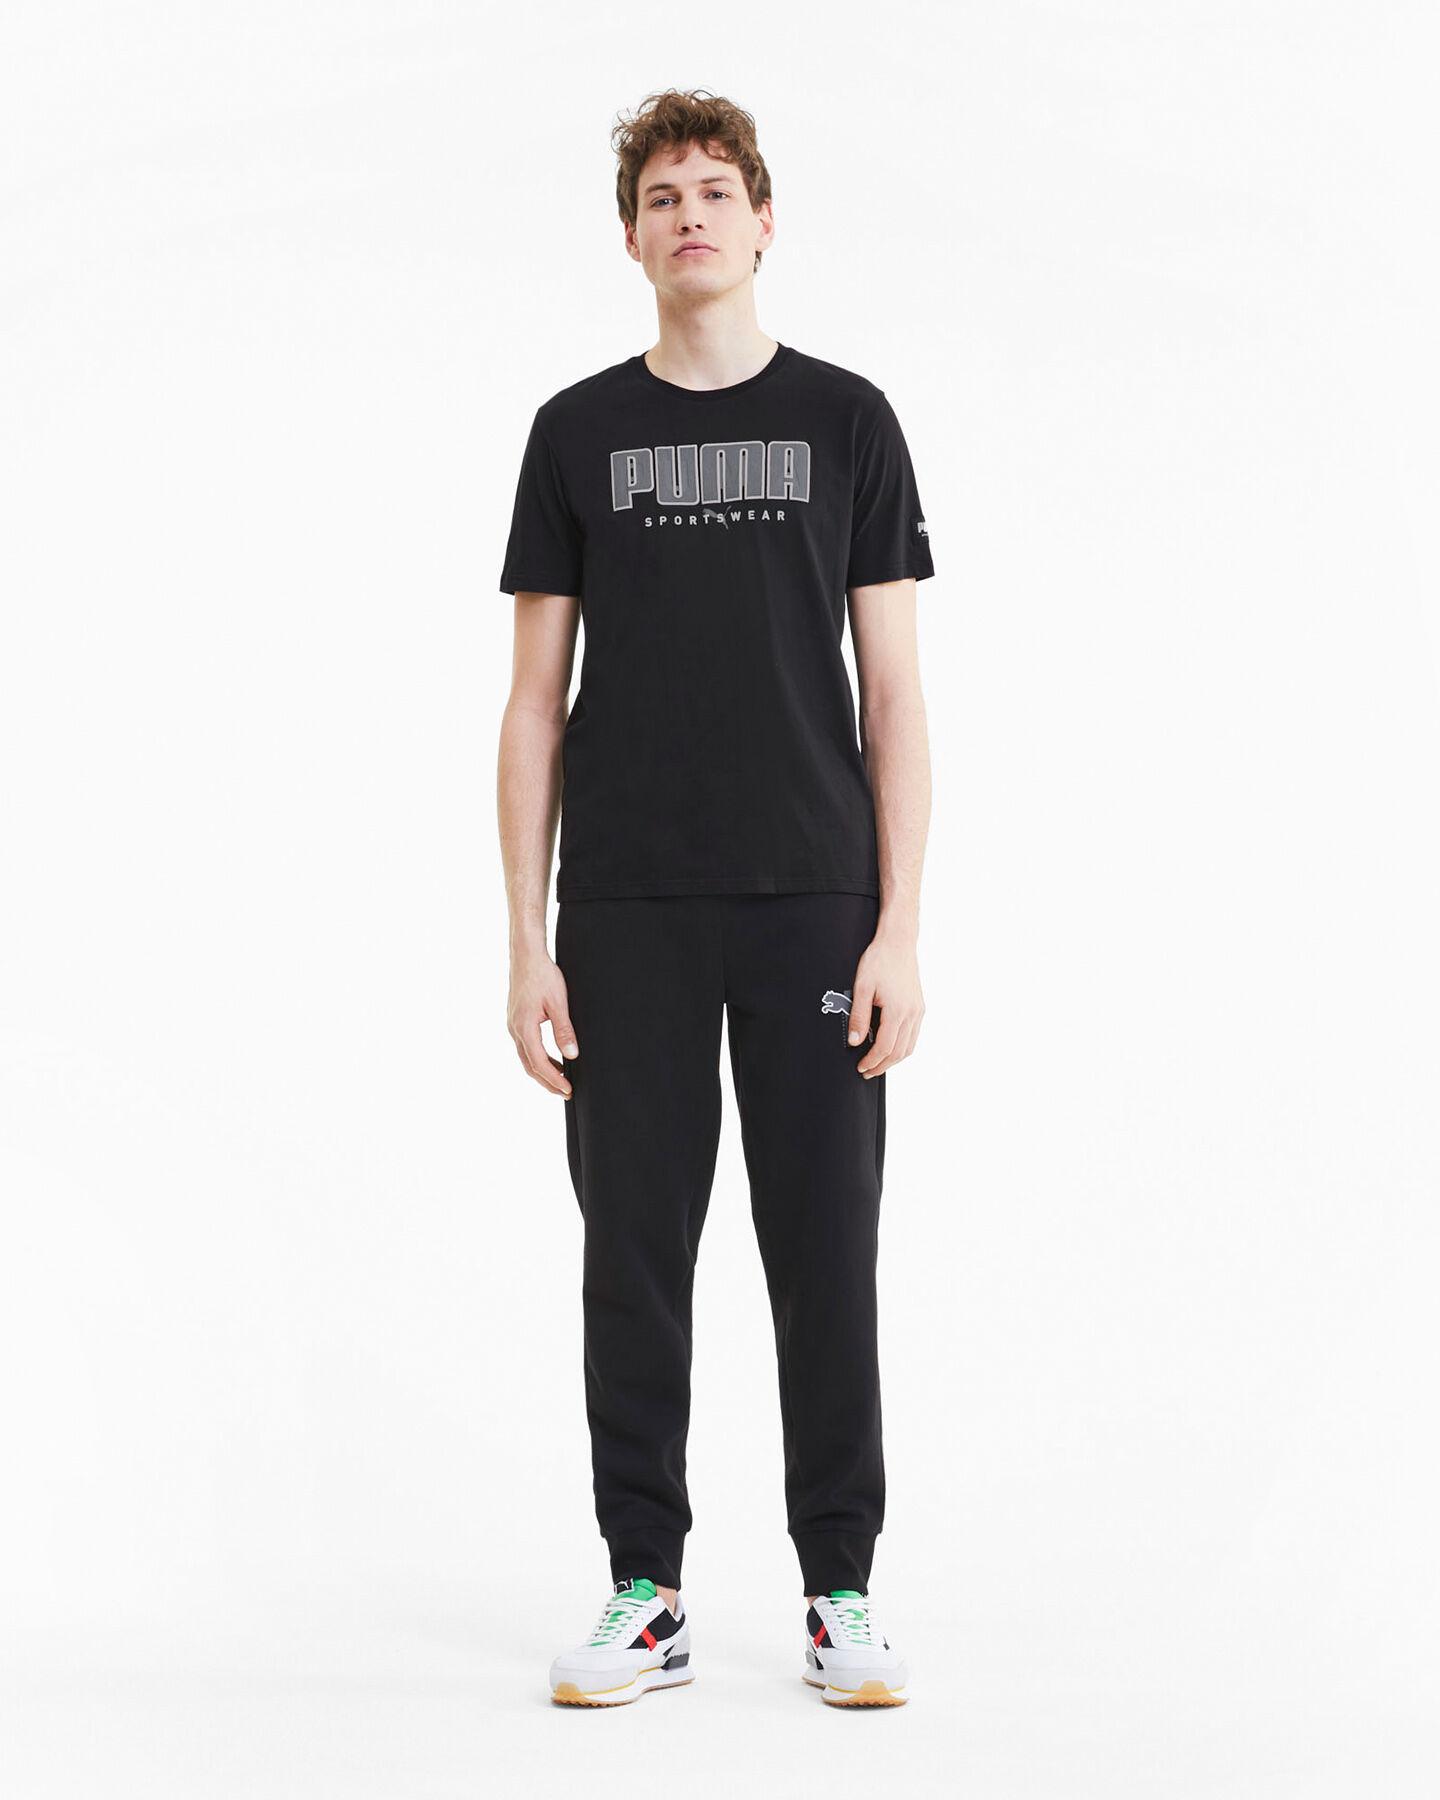 T-Shirt PUMA ATHTLETIC M S5235064|01|S scatto 4